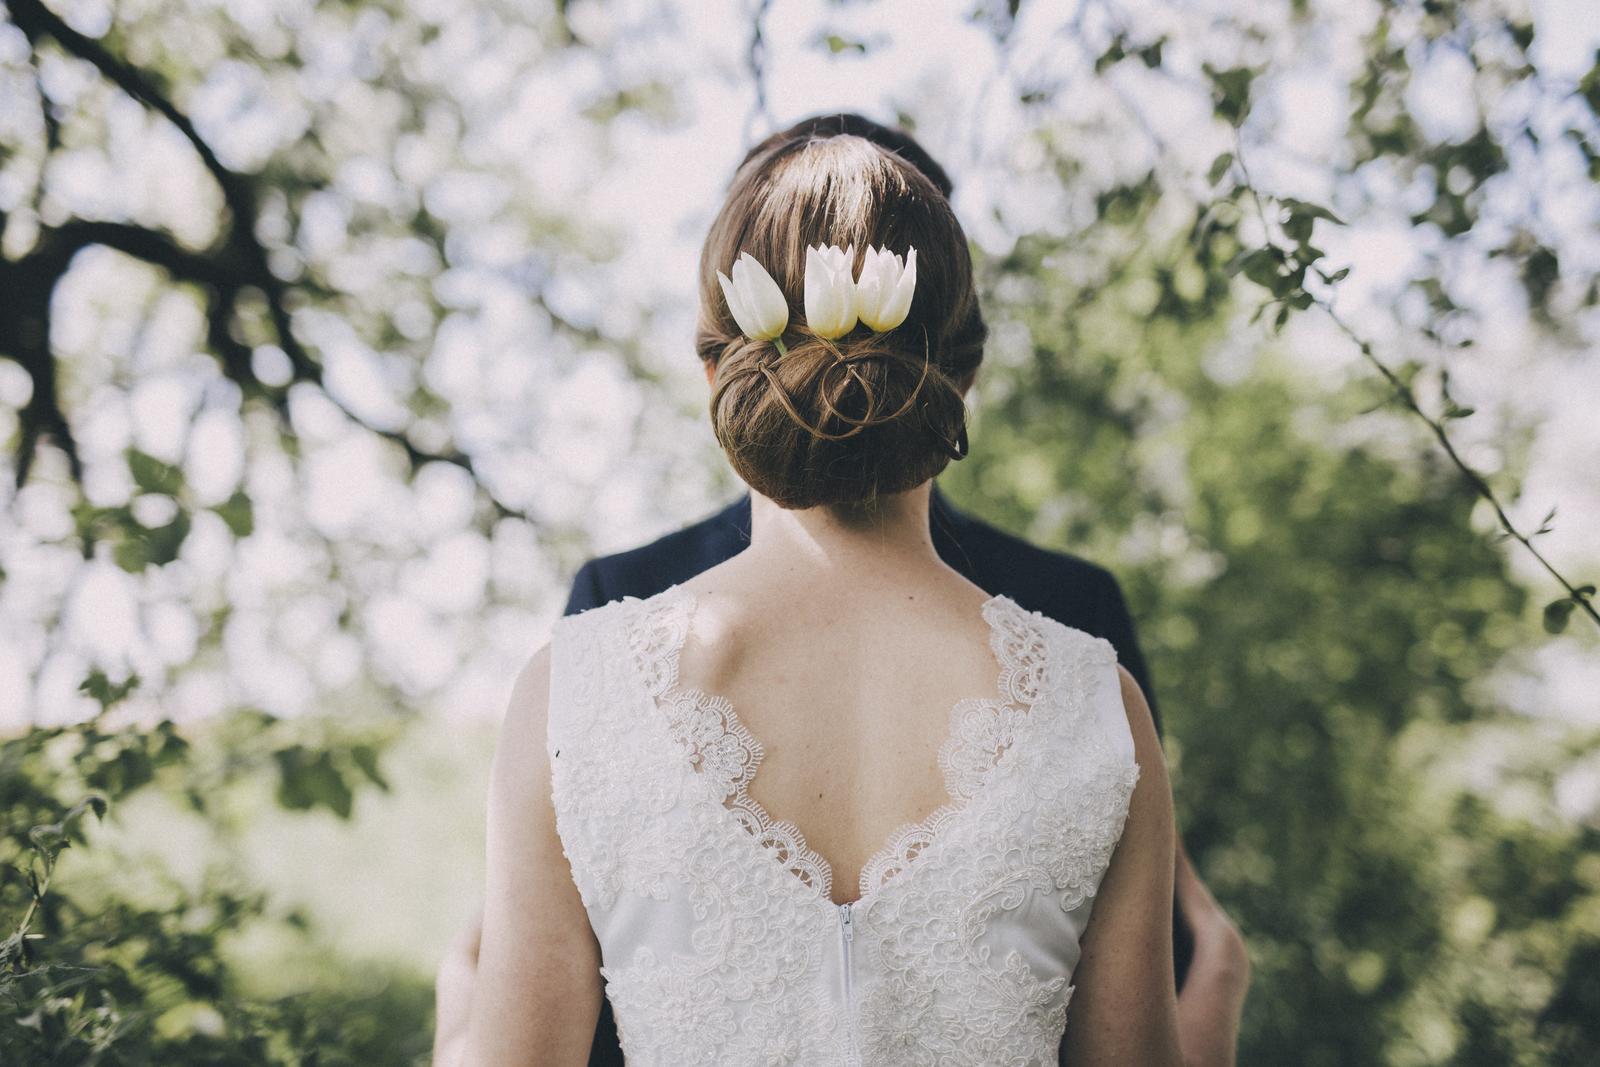 Svadobné šaty s čipkou 36/38 - Obrázok č. 2